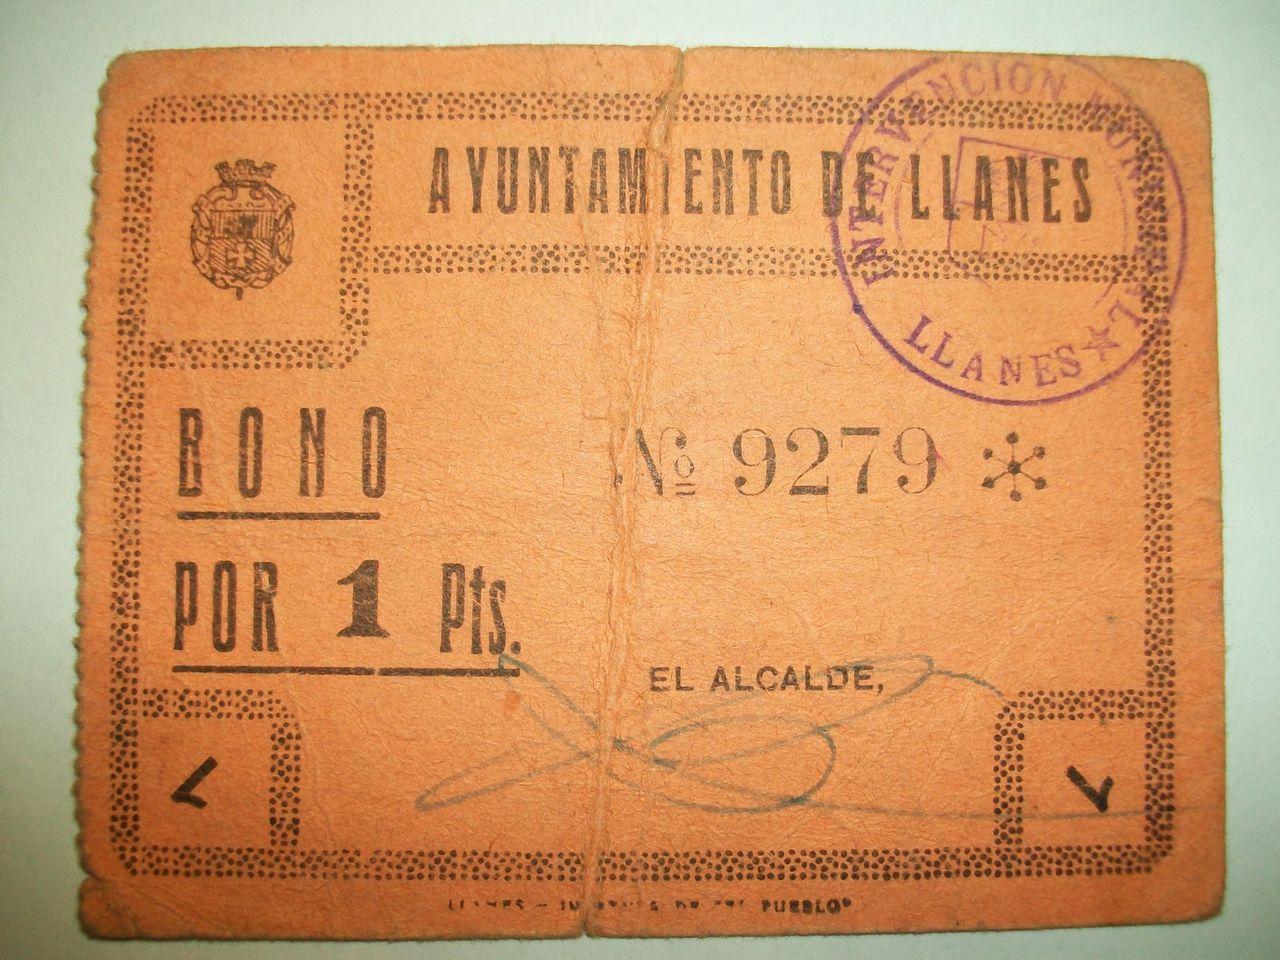 1 Pta. Ayuntamiento de LLanes (Asturias), 1937 Ayuntamiento_de_Llanes_1_Pta_Anv